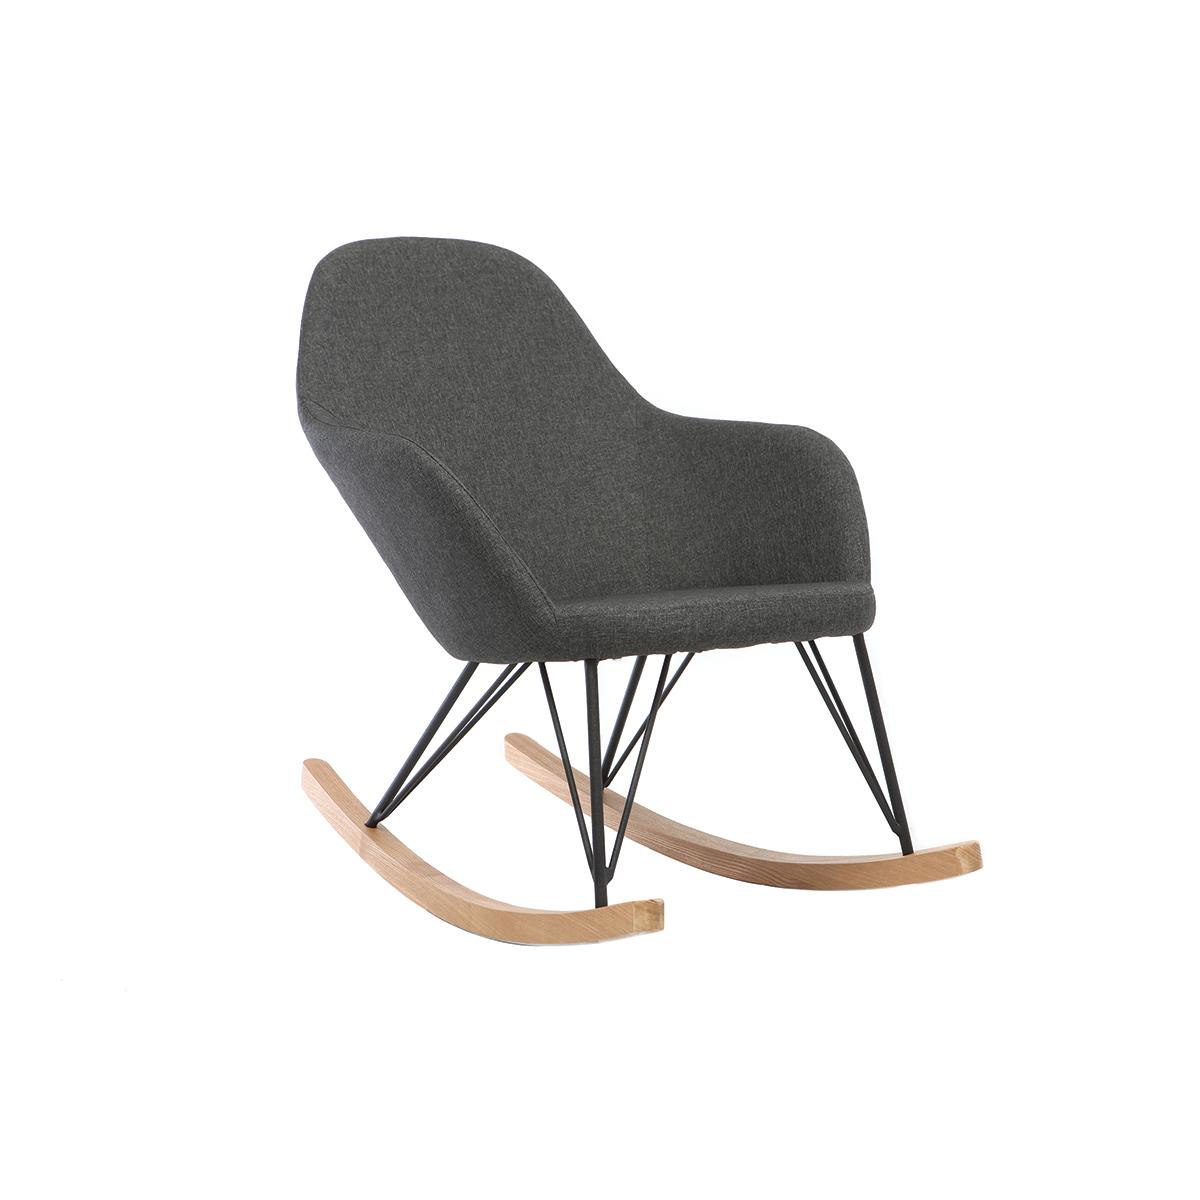 Poltrona relax - Sedia a dondolo tessuto grigio antracite gambe in metallo e frassino JHENE